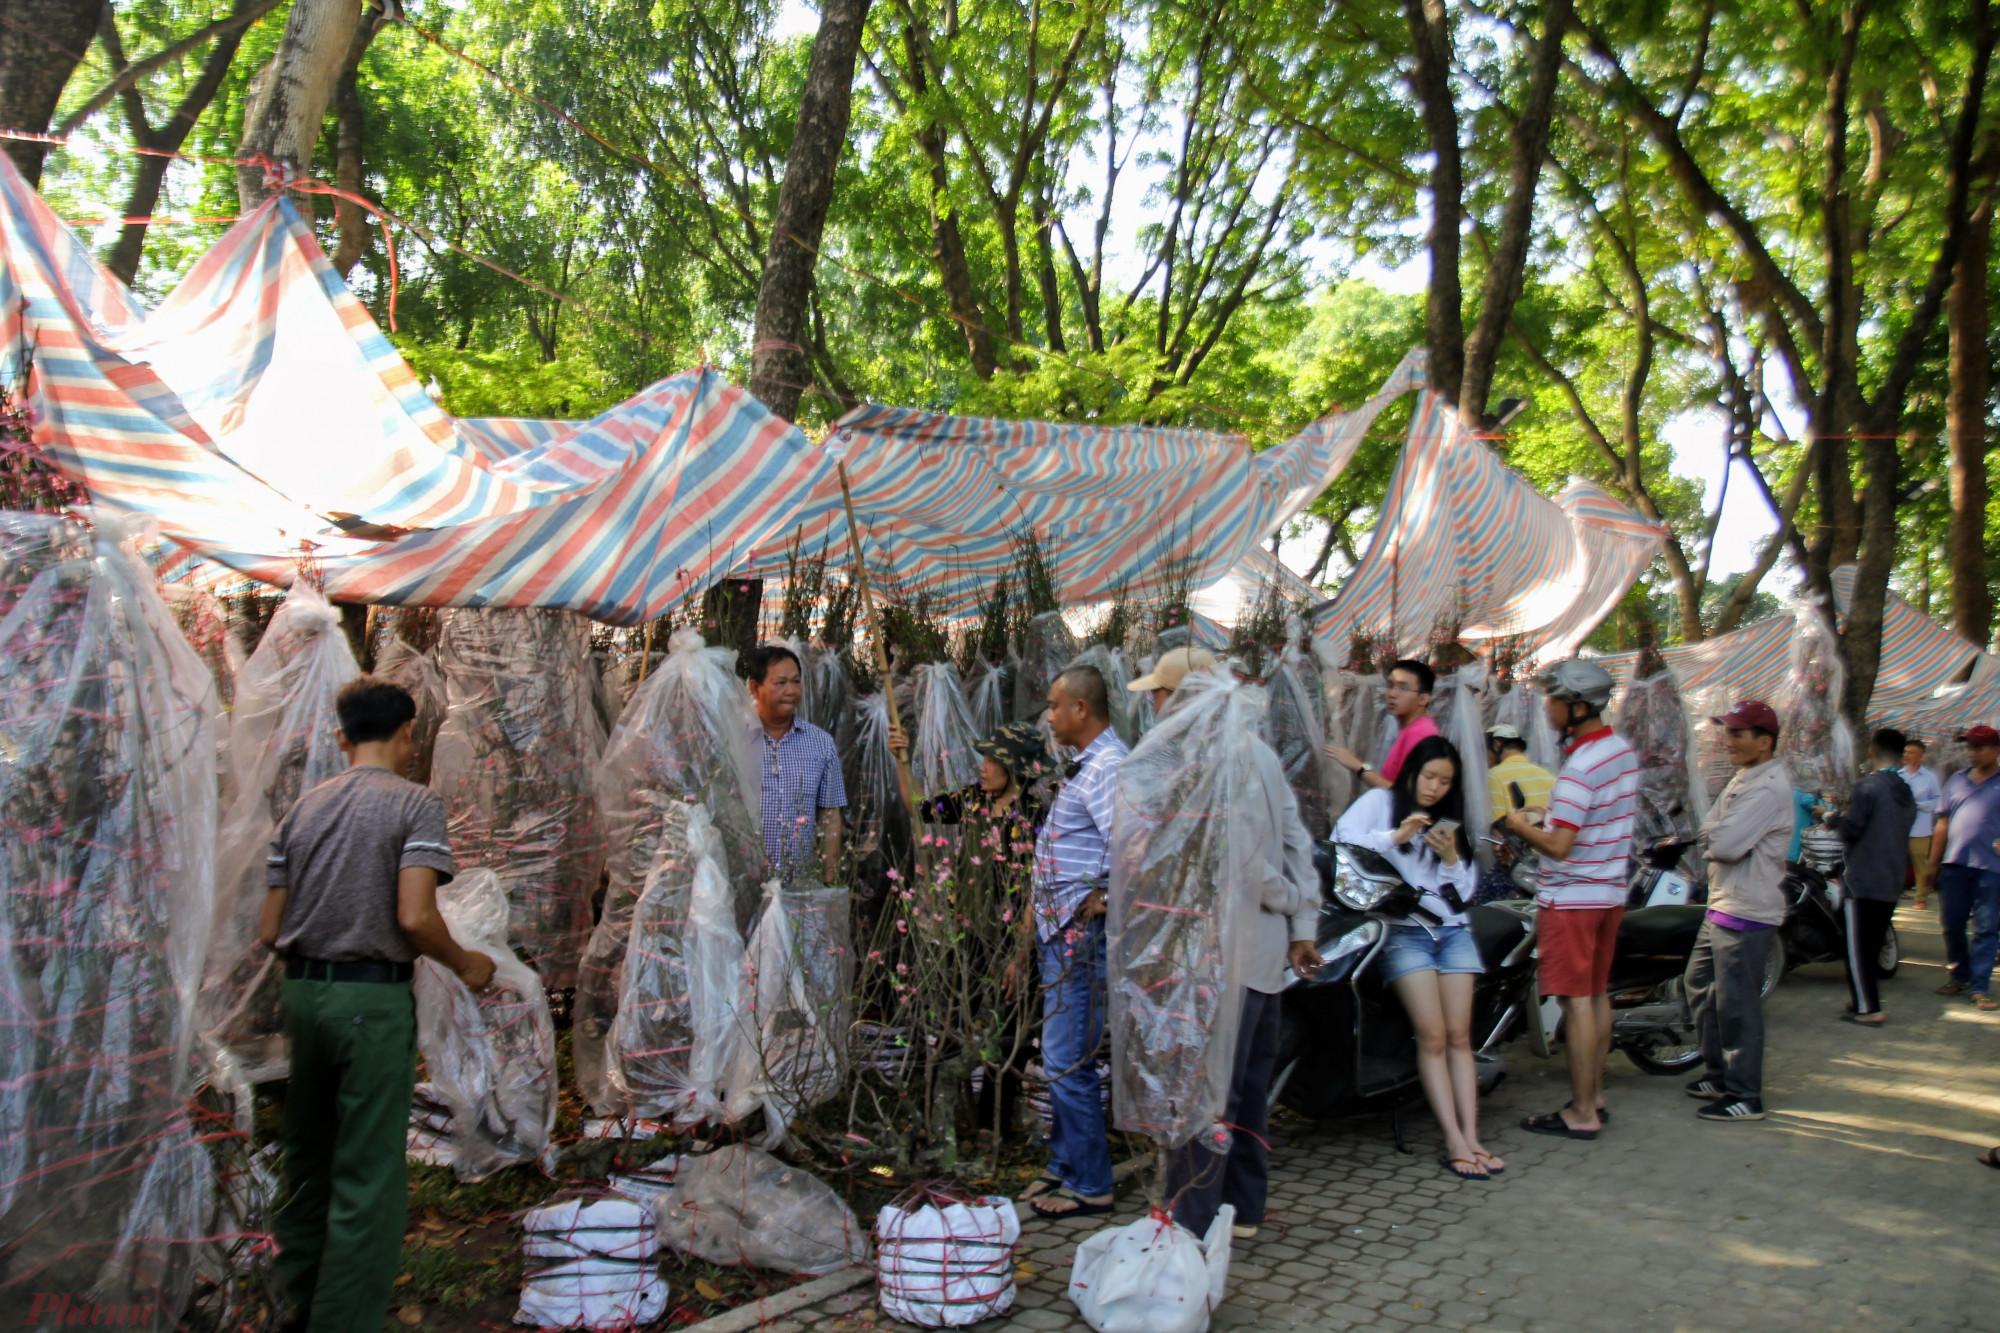 Chợ đào Bắc tại công viên Gia Định (quận Gò Vấp) hàng năm đều nhộn nhịp từ 19, 20 tháng Chạp.